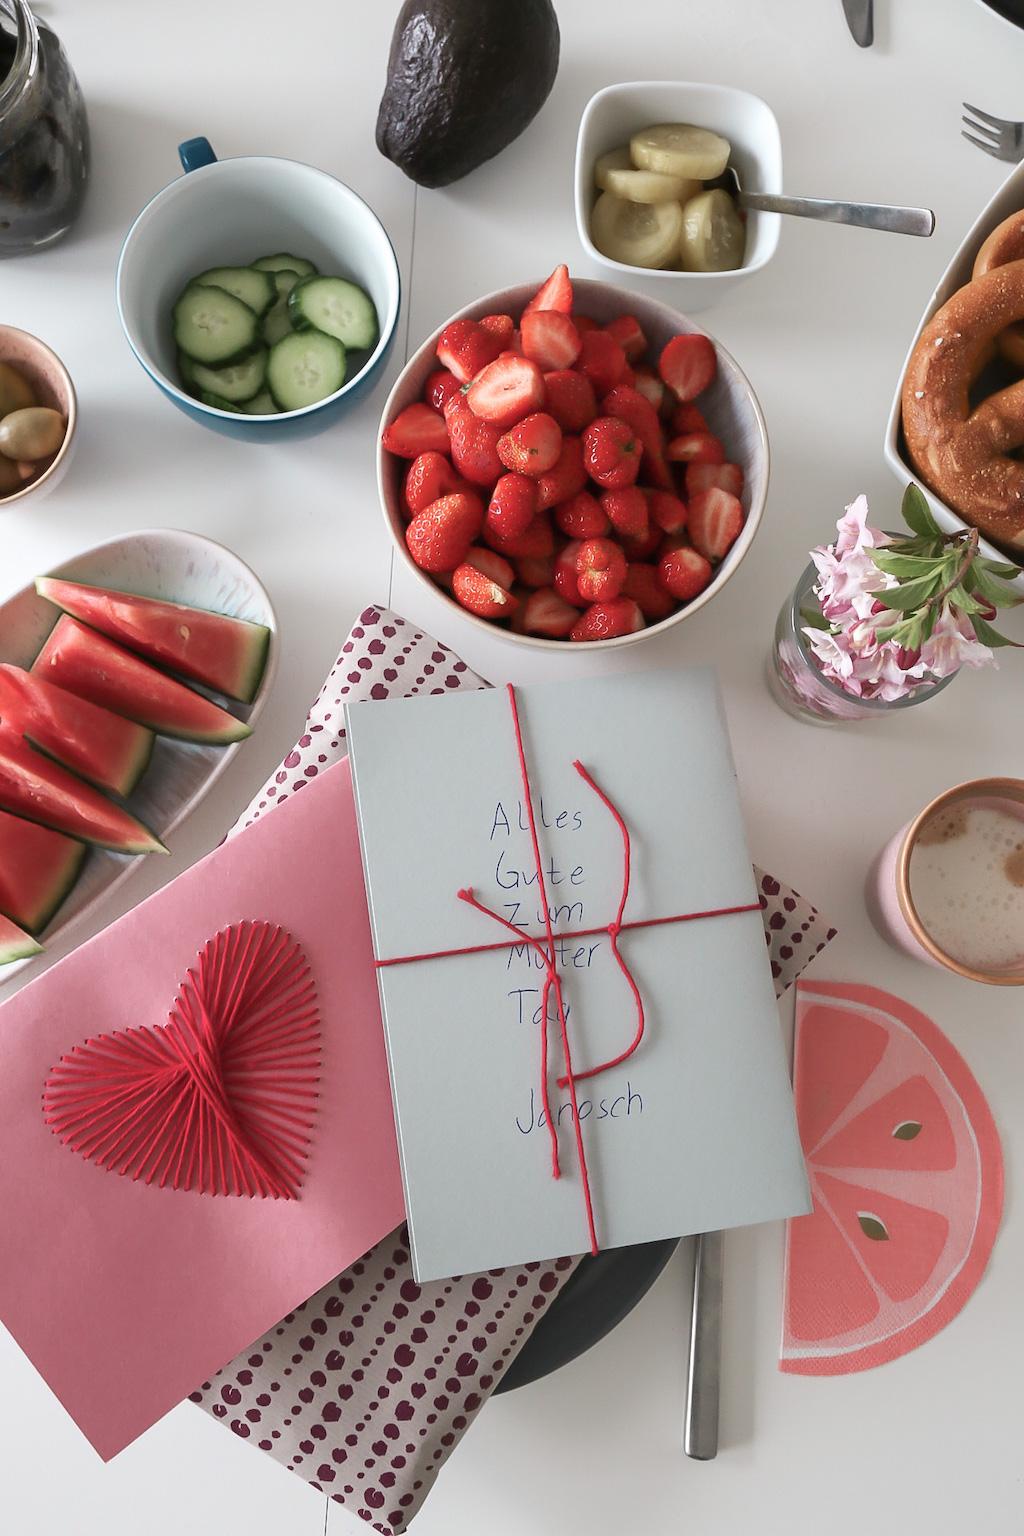 Frühstückstisch mit Geschenken zum Muttertag